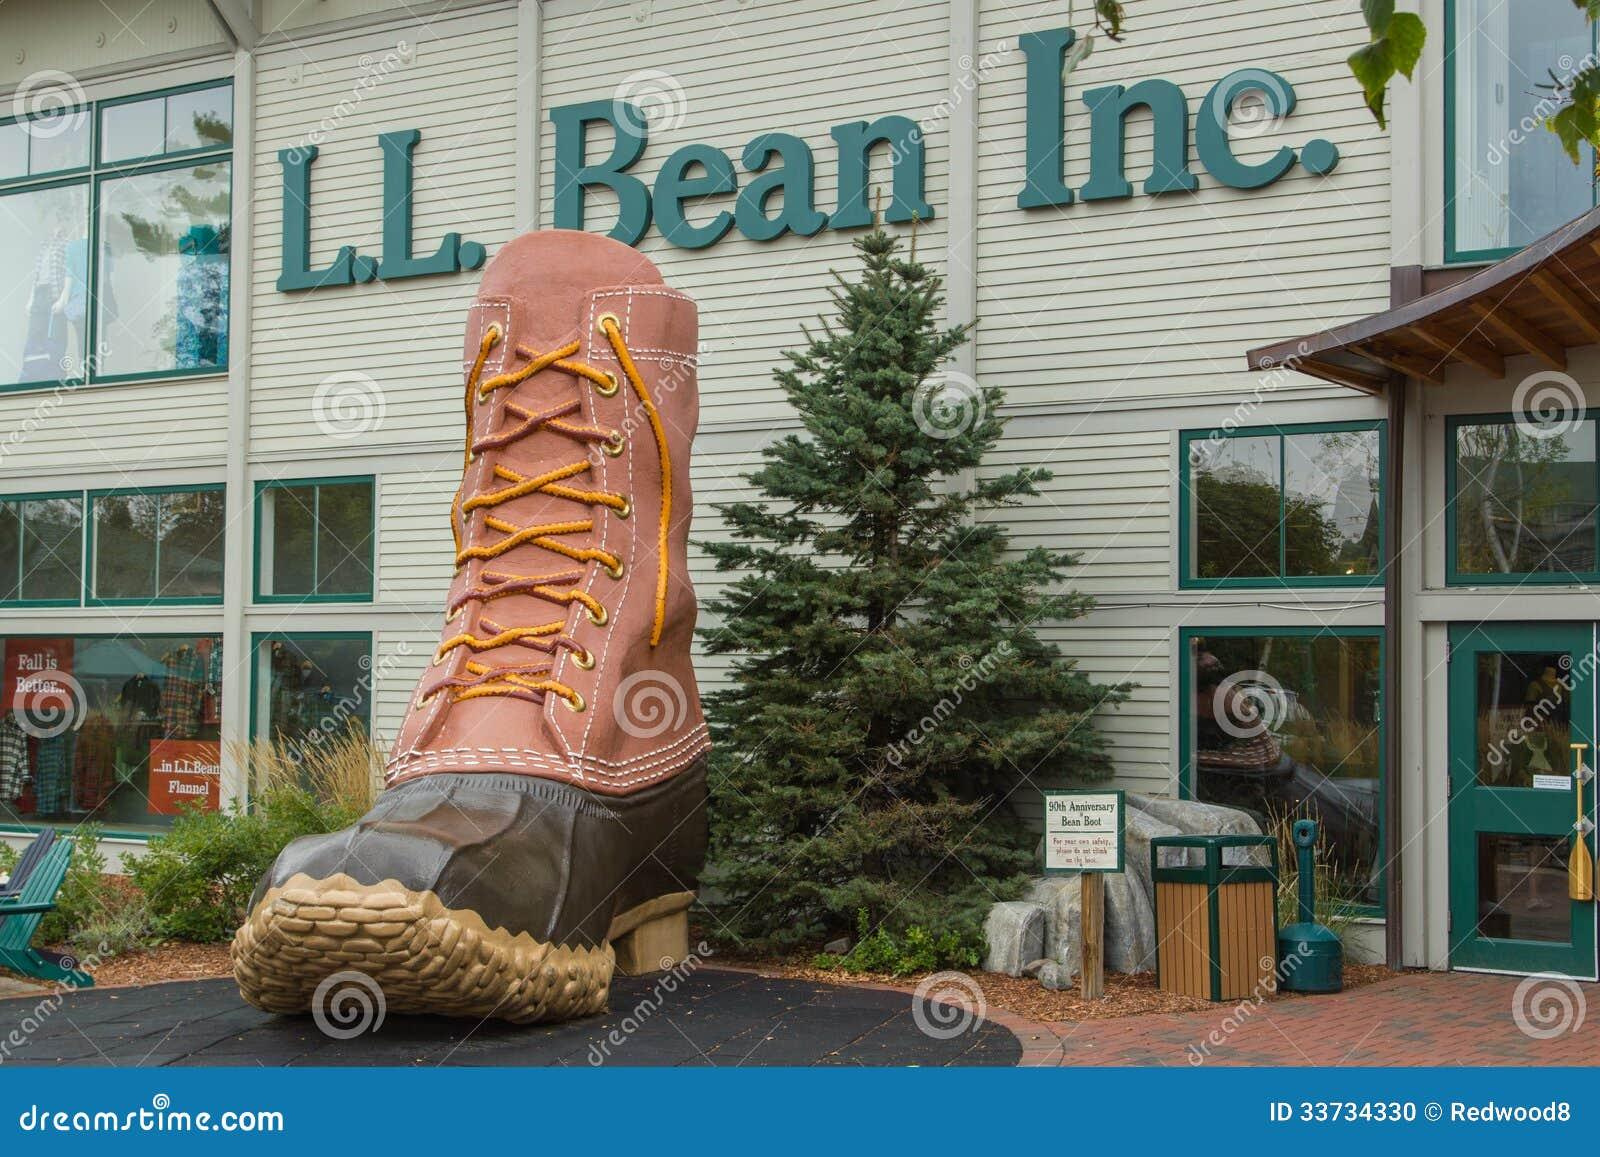 L.L. Bean Storefront